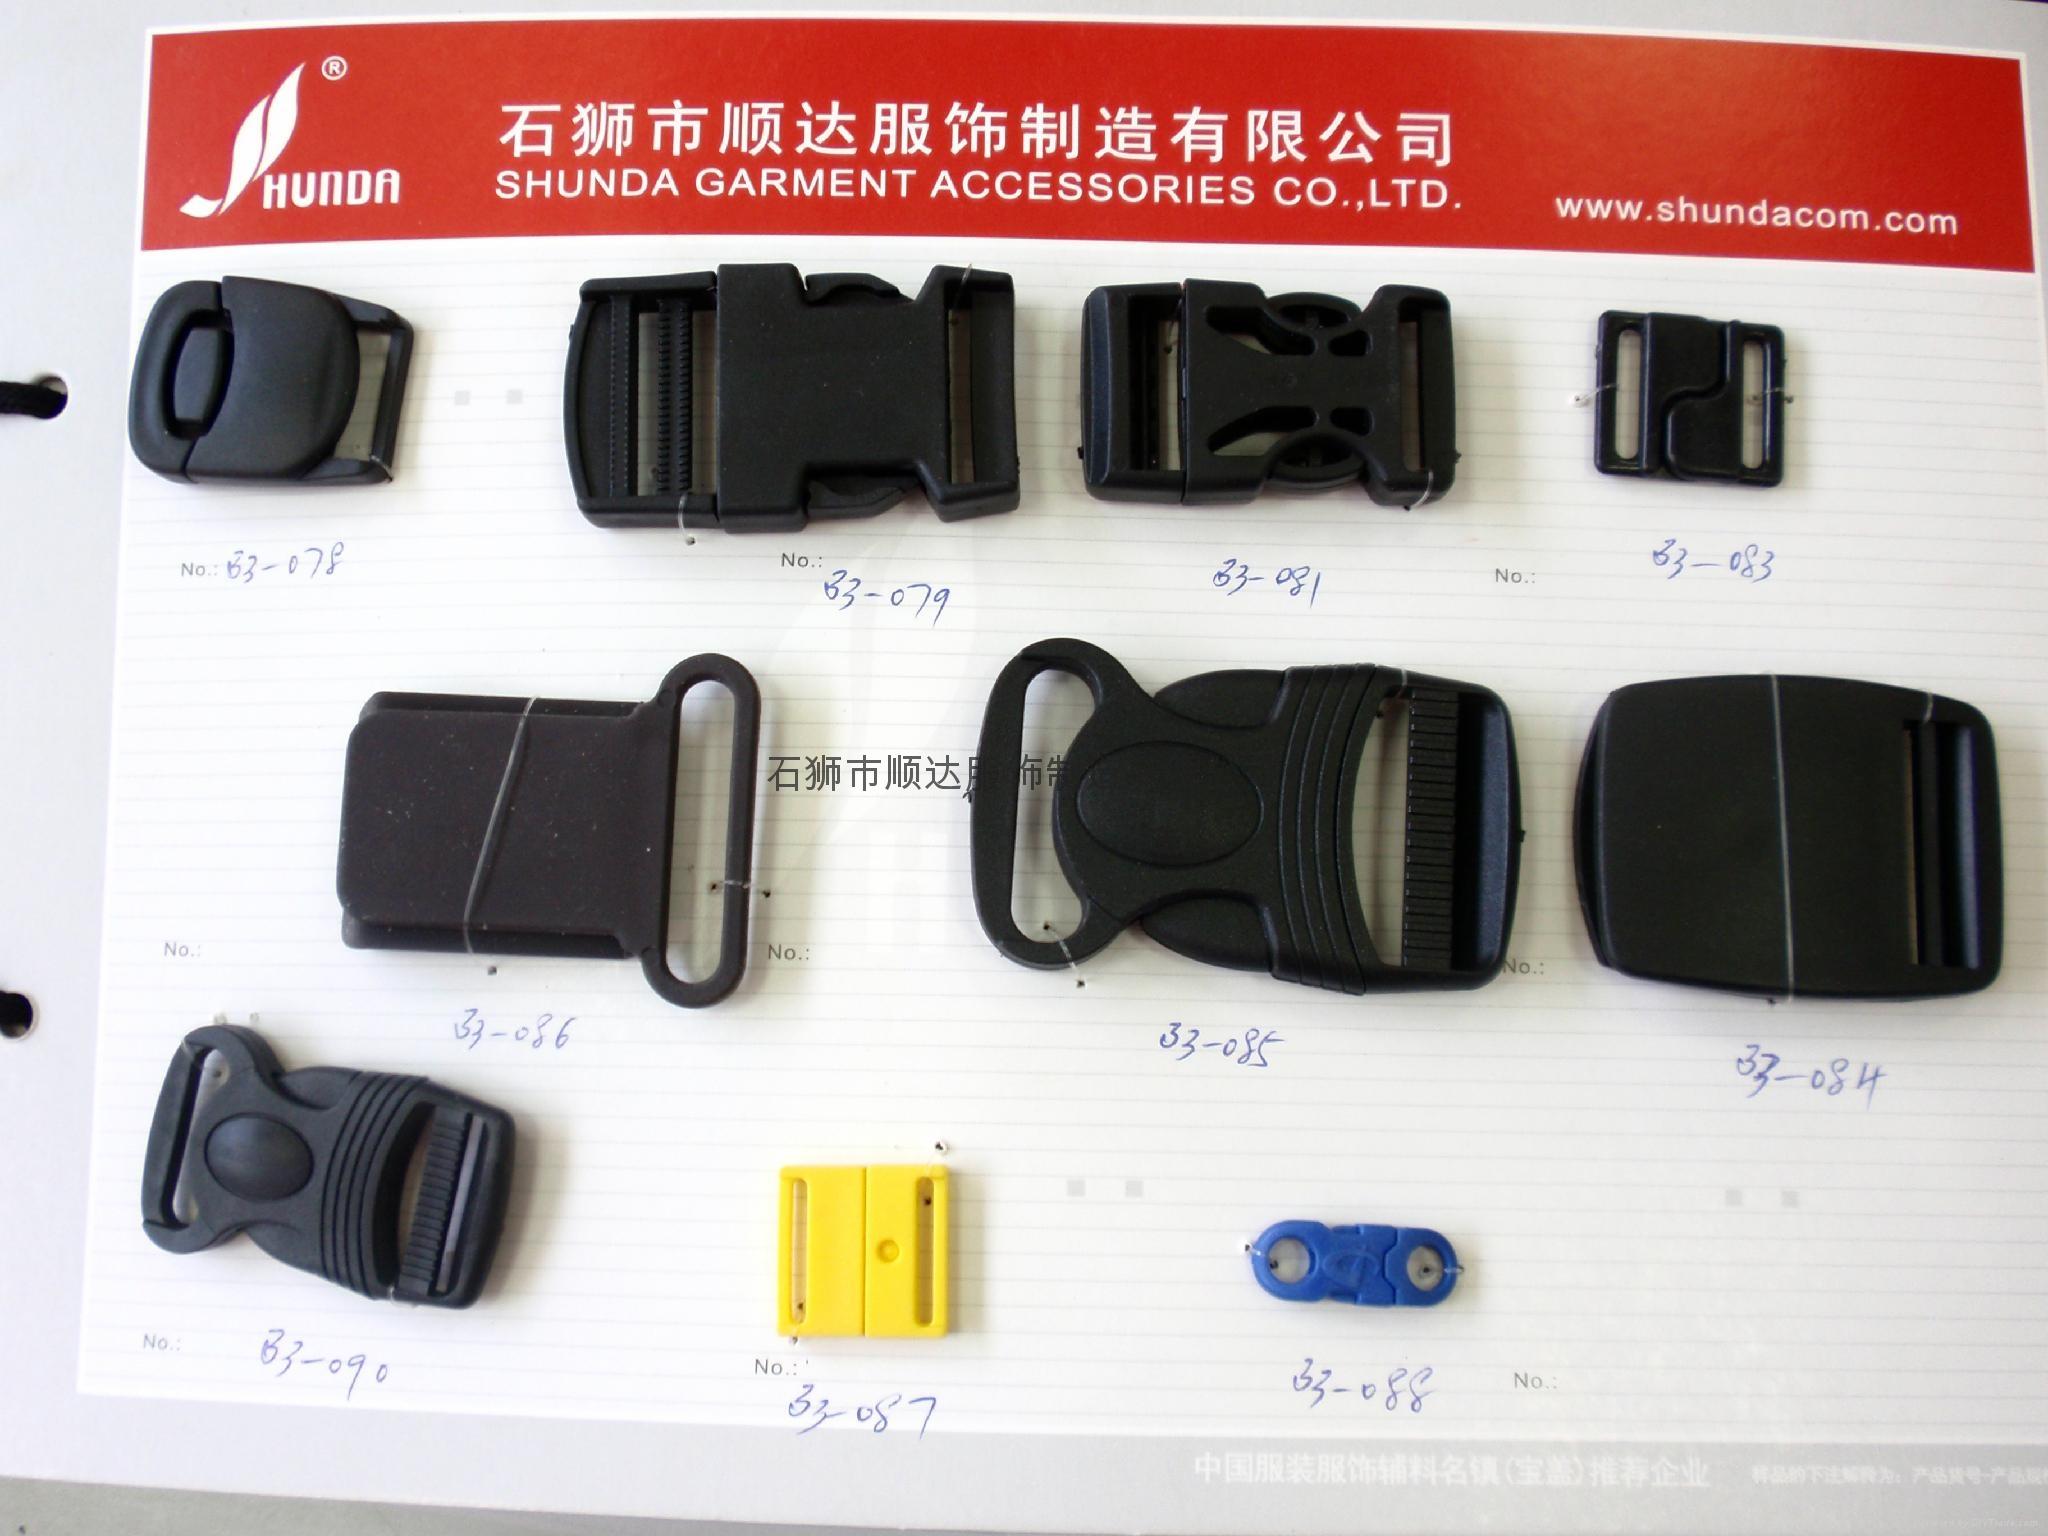 厂家直销塑料背包扣箱包配件塑胶插扣功能扣具卡扣安全扣登山扣具 1